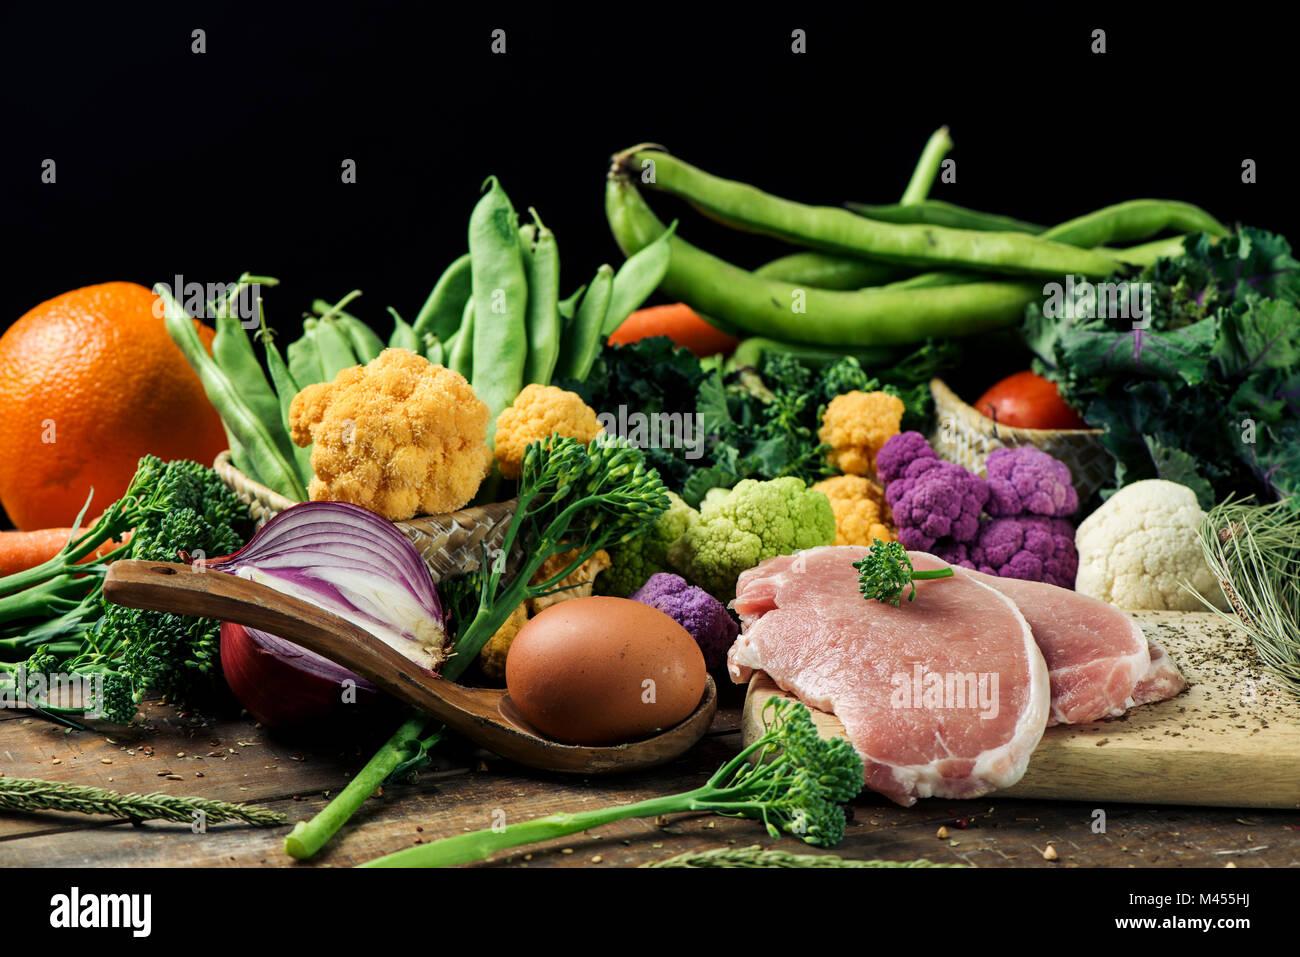 Un montón de algunas frutas y verduras crudas, algunos diferentes, tales como la coliflor de distintos colores, Imagen De Stock